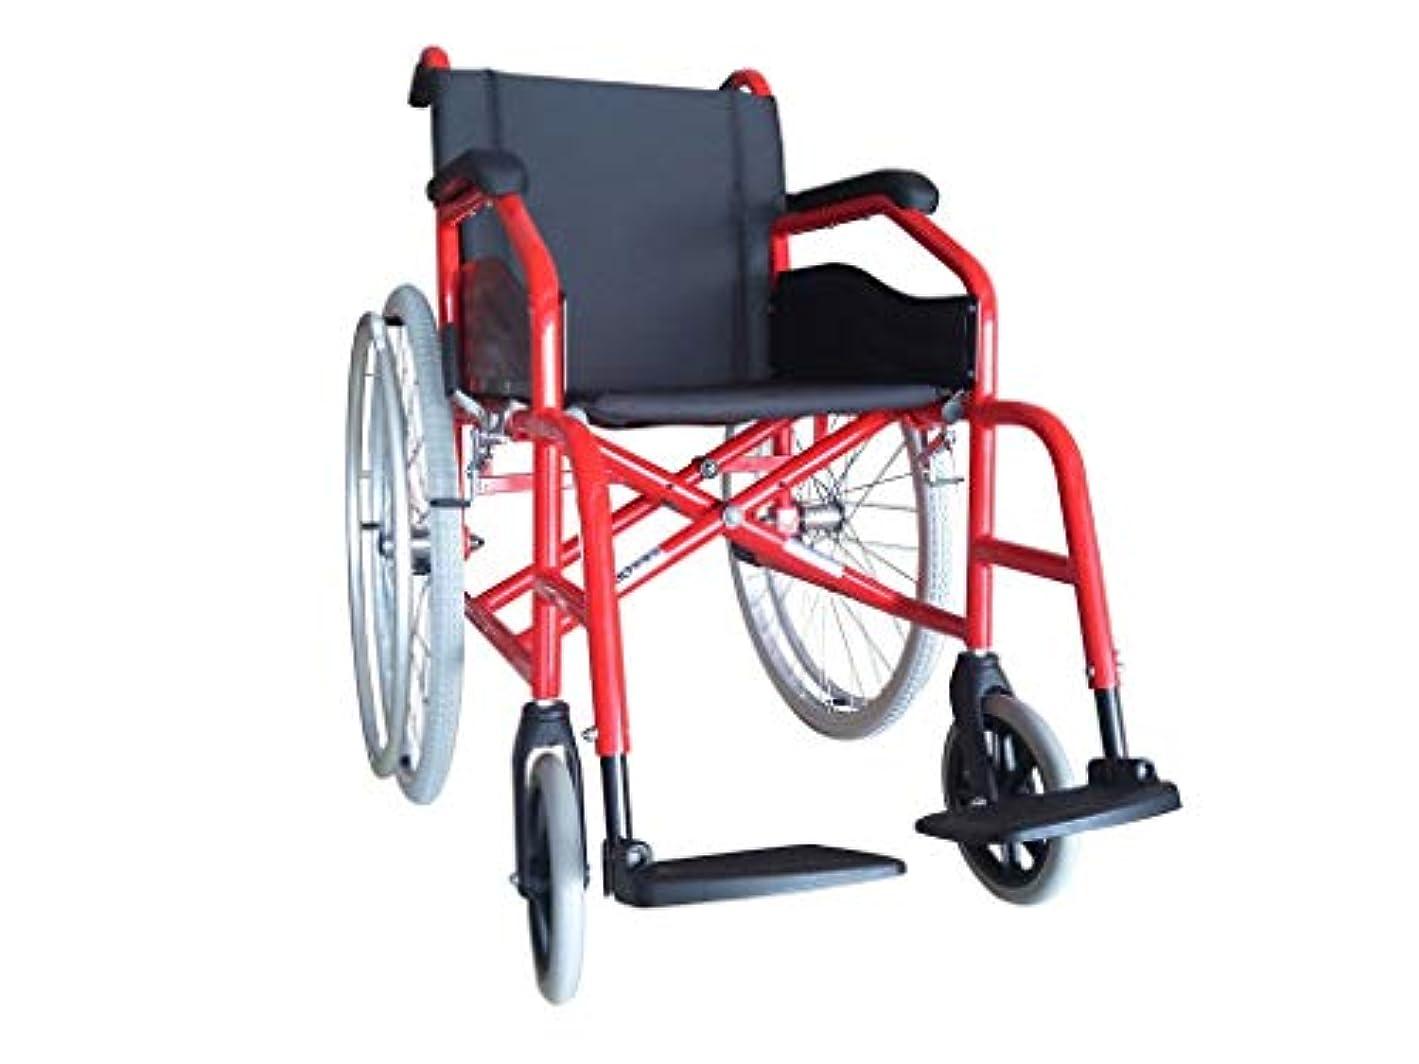 維持確執撤回する折りたたみ車椅子トロリー、多機能高齢者スクーター、無効な屋外車椅子トロリー、強い重力